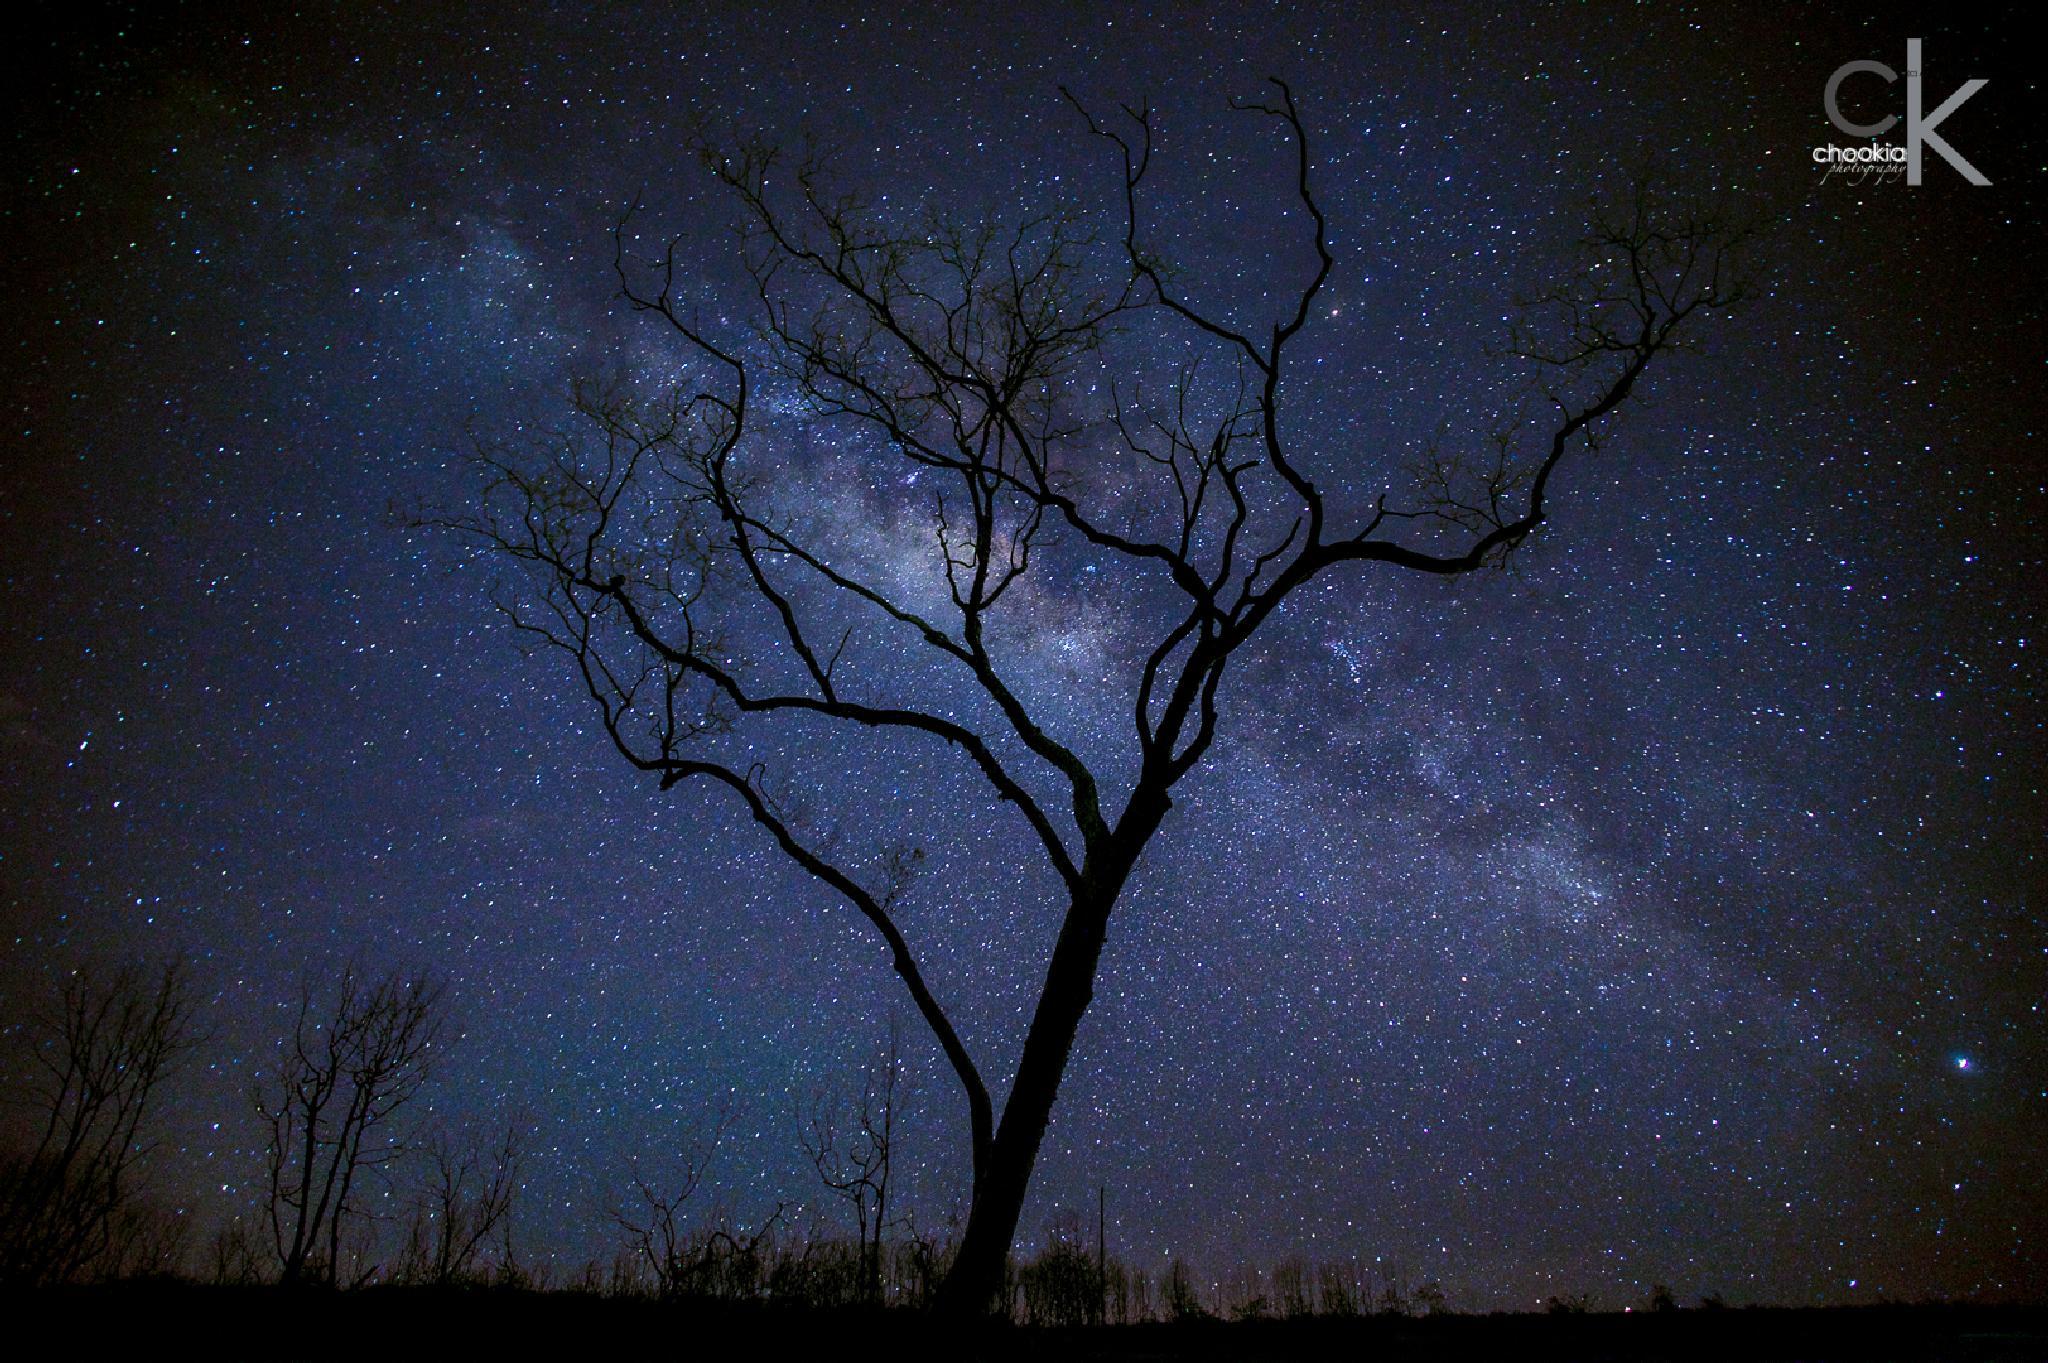 Milky-Way @ Kuala Gula by chookia